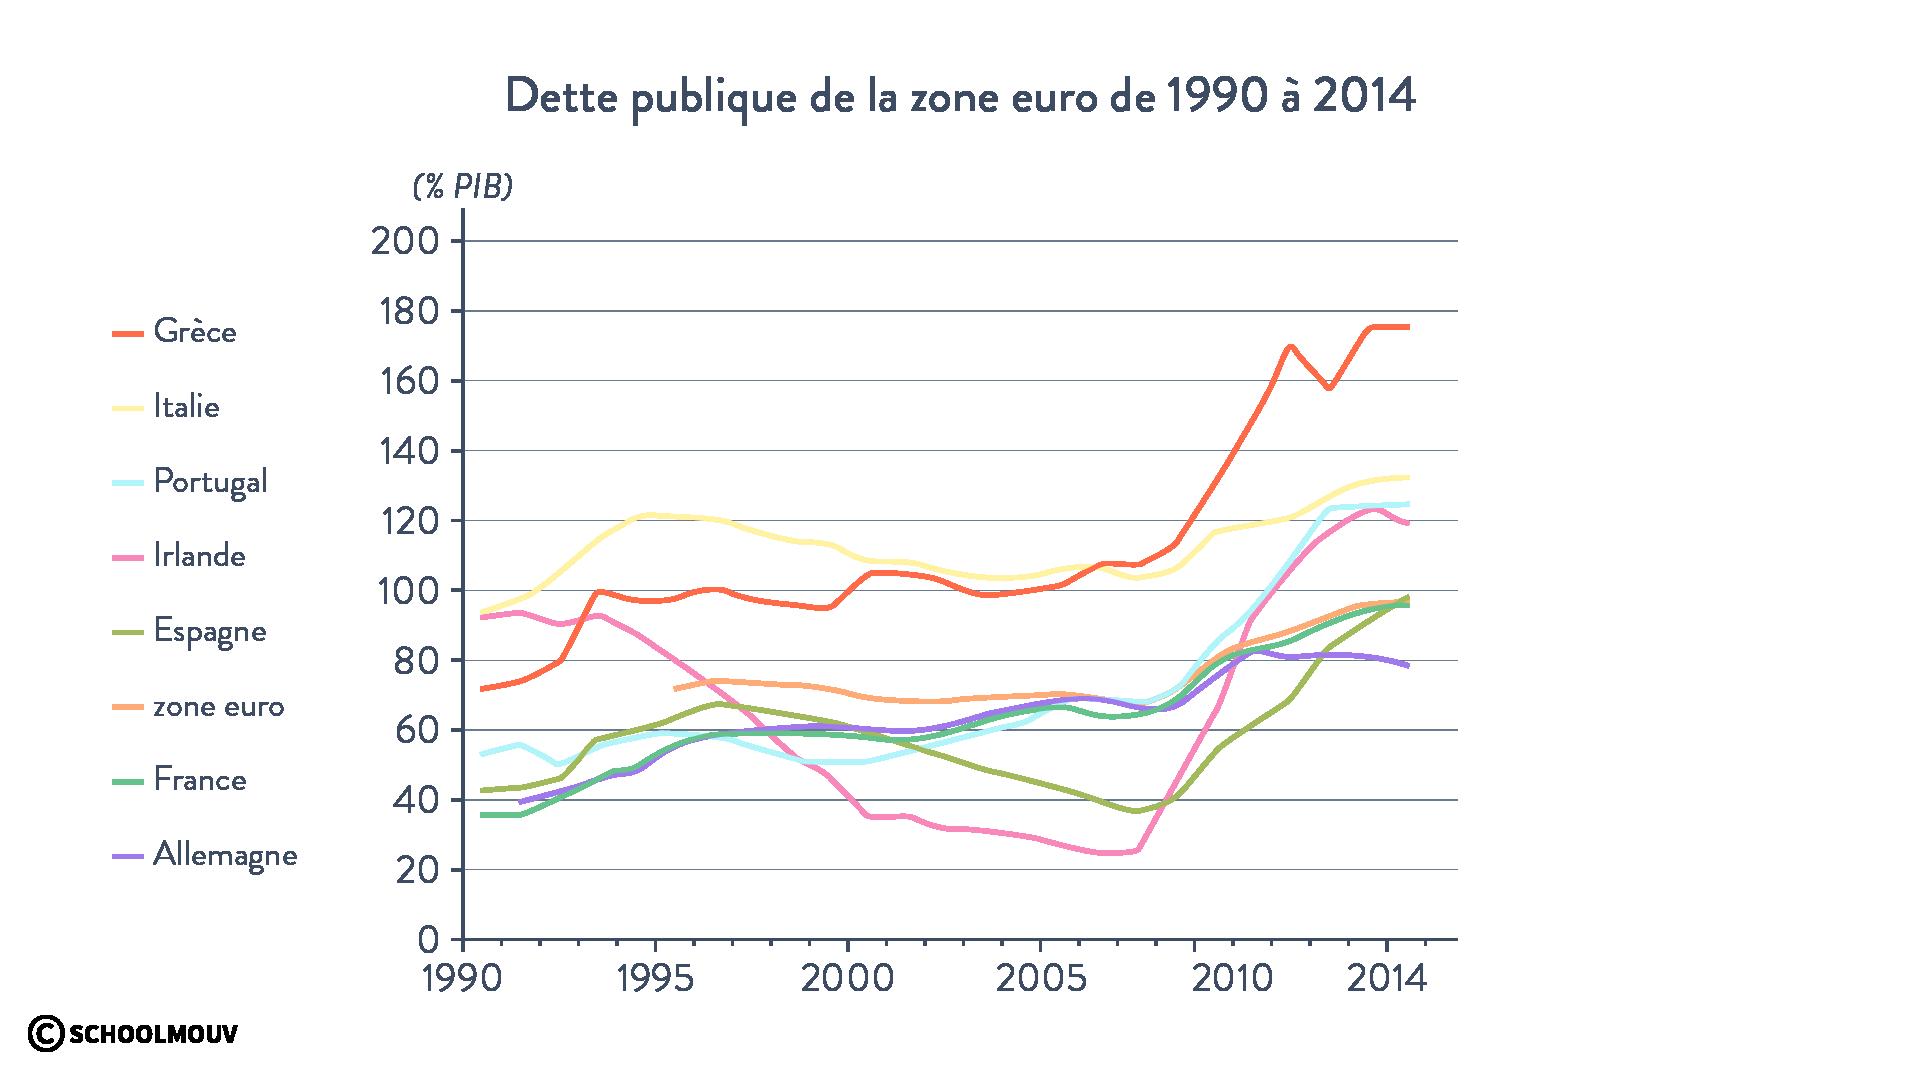 Dette publique de la zone euro de 1990 à 2014